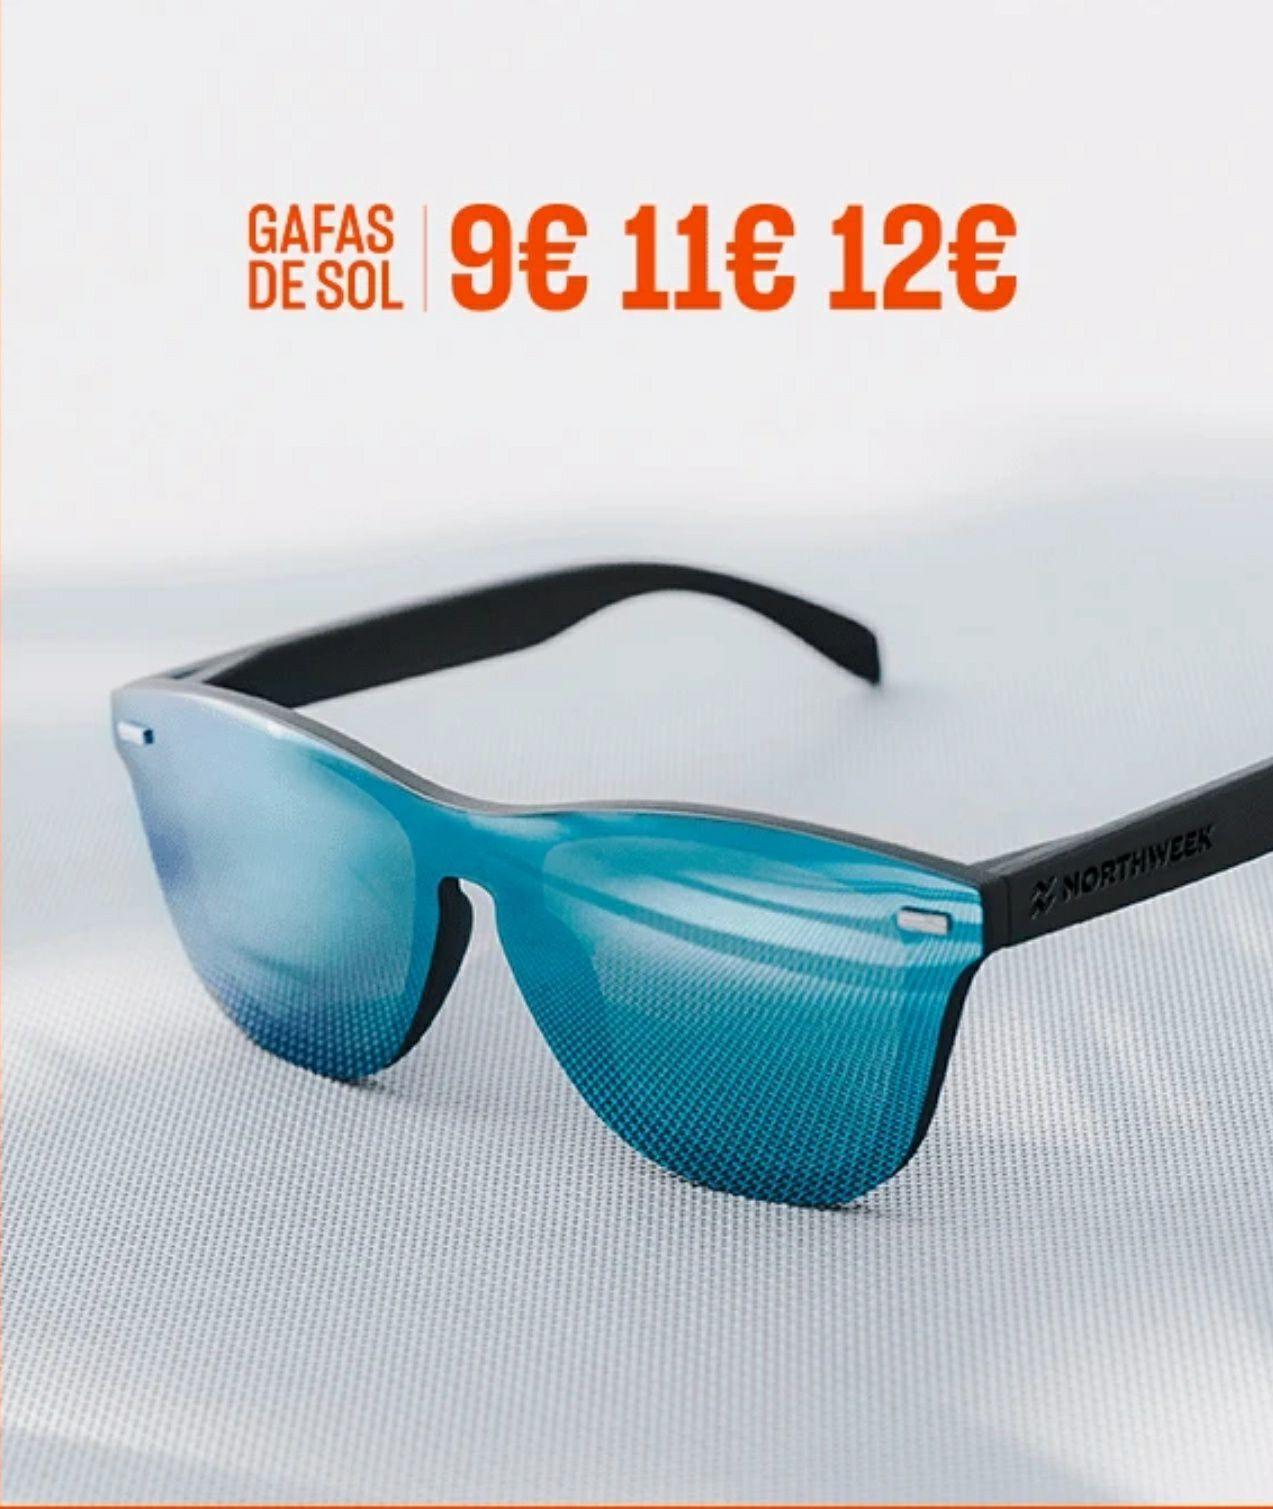 Gafas Northweek varios modelos desde 9€